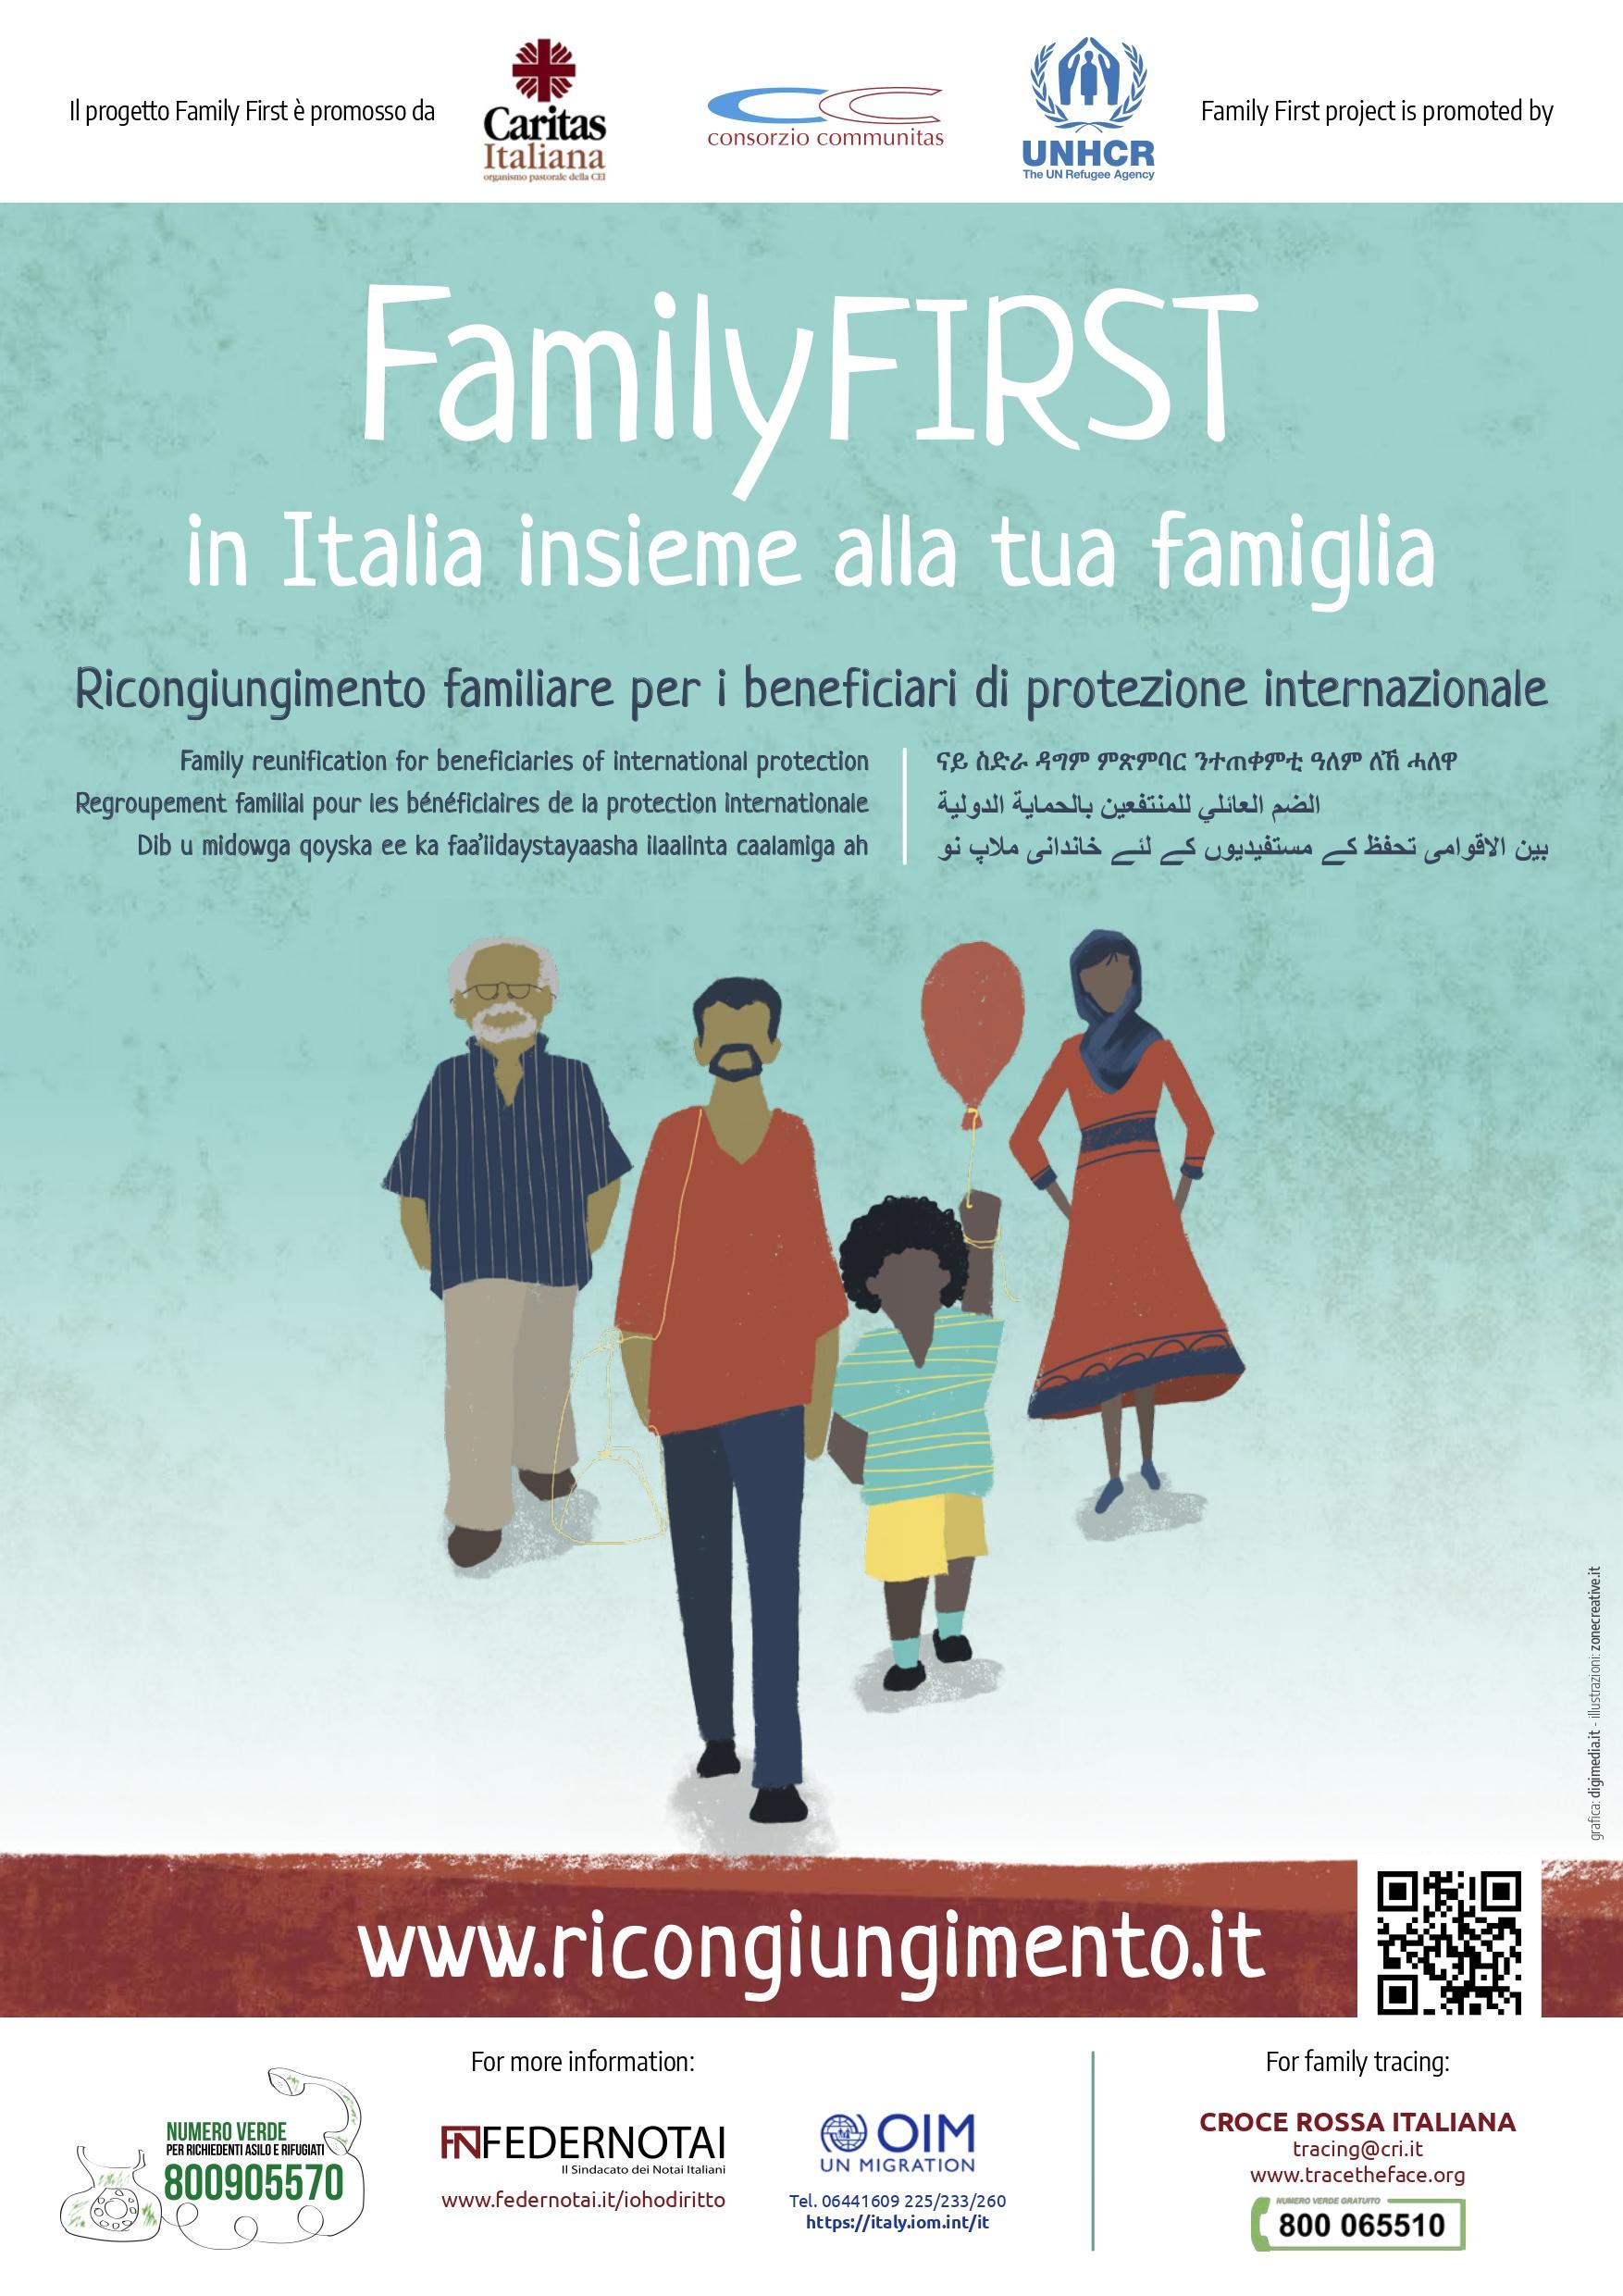 Family First, istruzioni per il ricongiungimento familiare per beneficiari di protezione internazionale